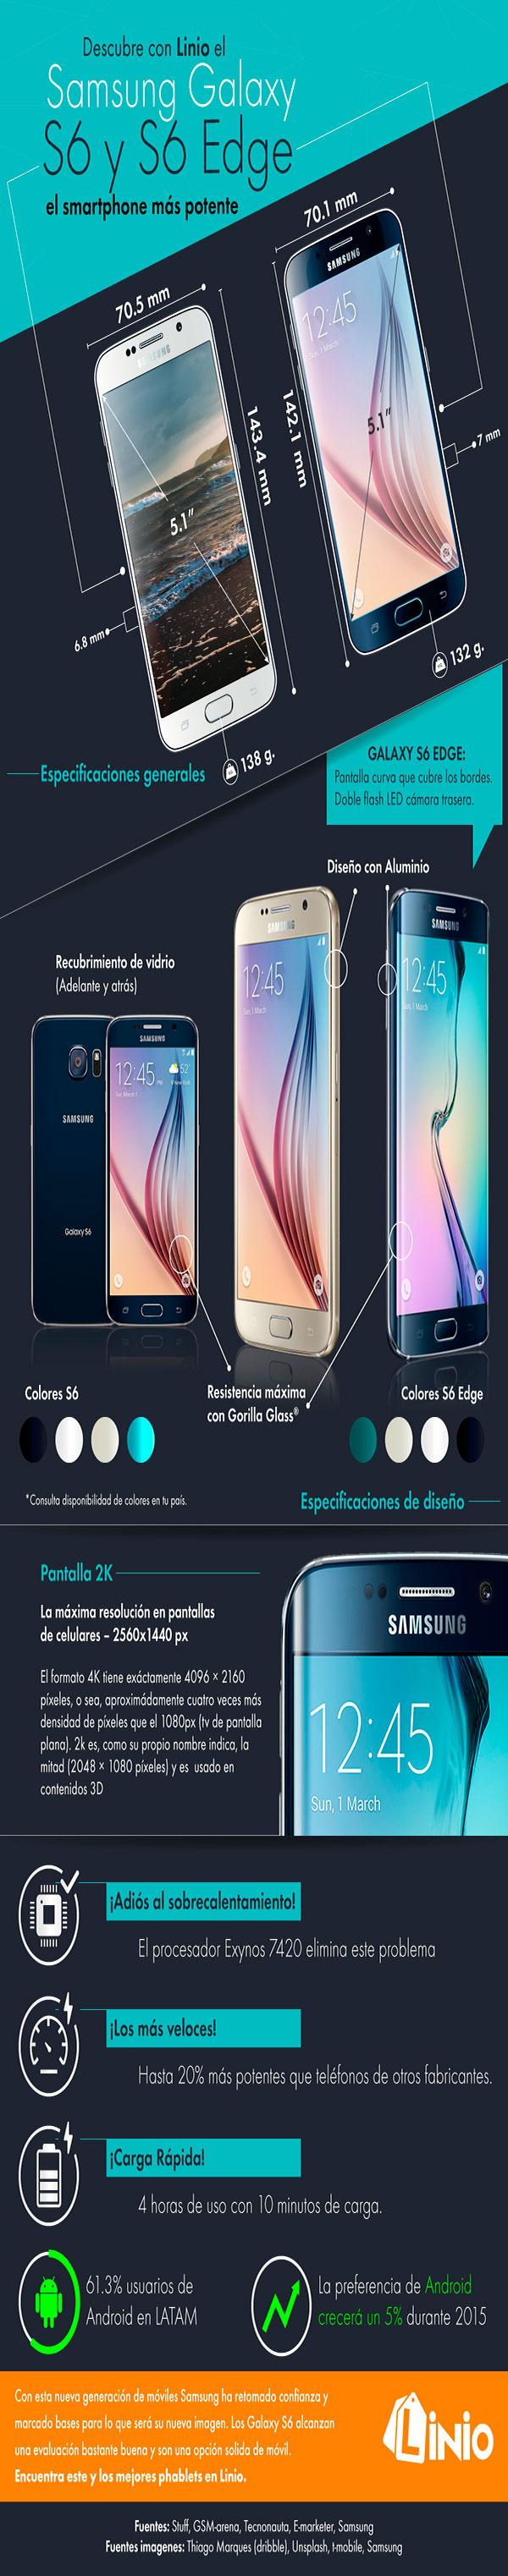 Samsung Galaxy S6 y S6 Edge